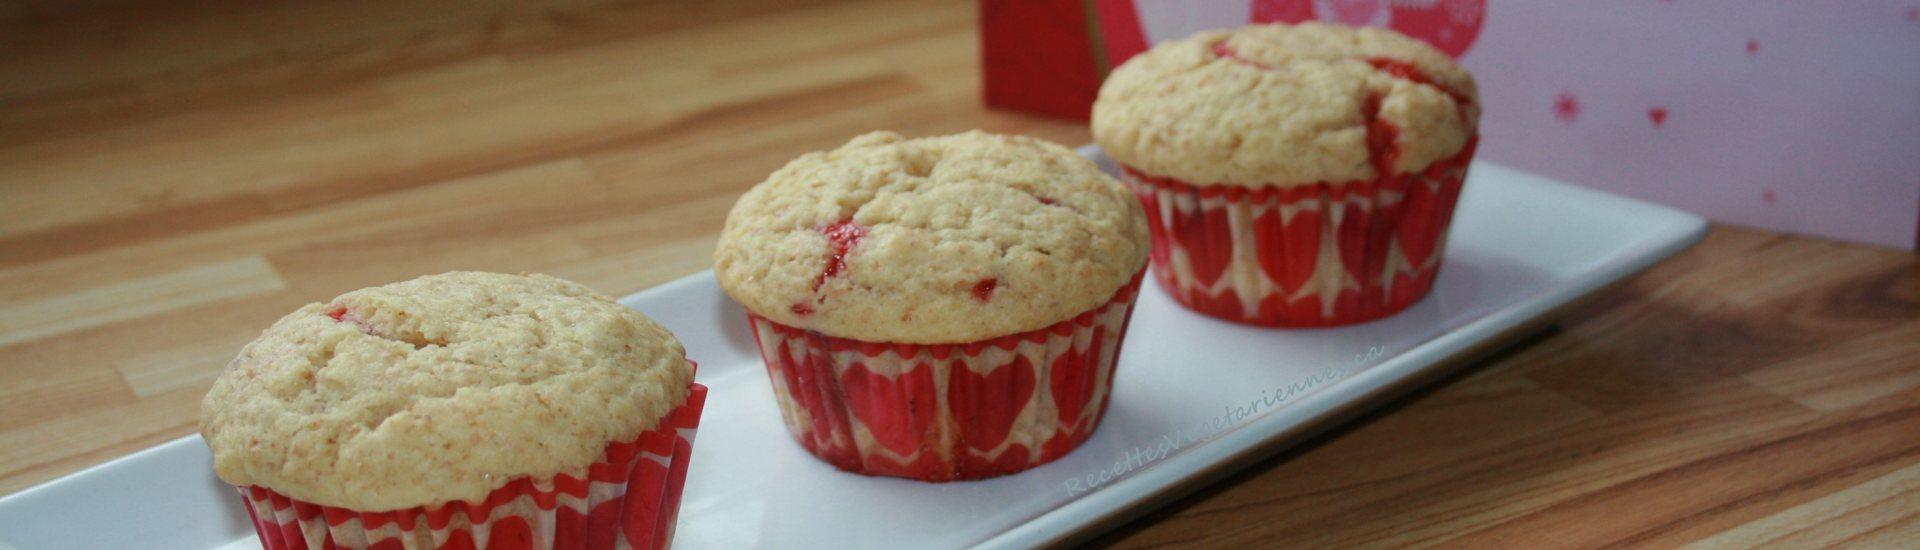 Muffins à la confiture de fraise